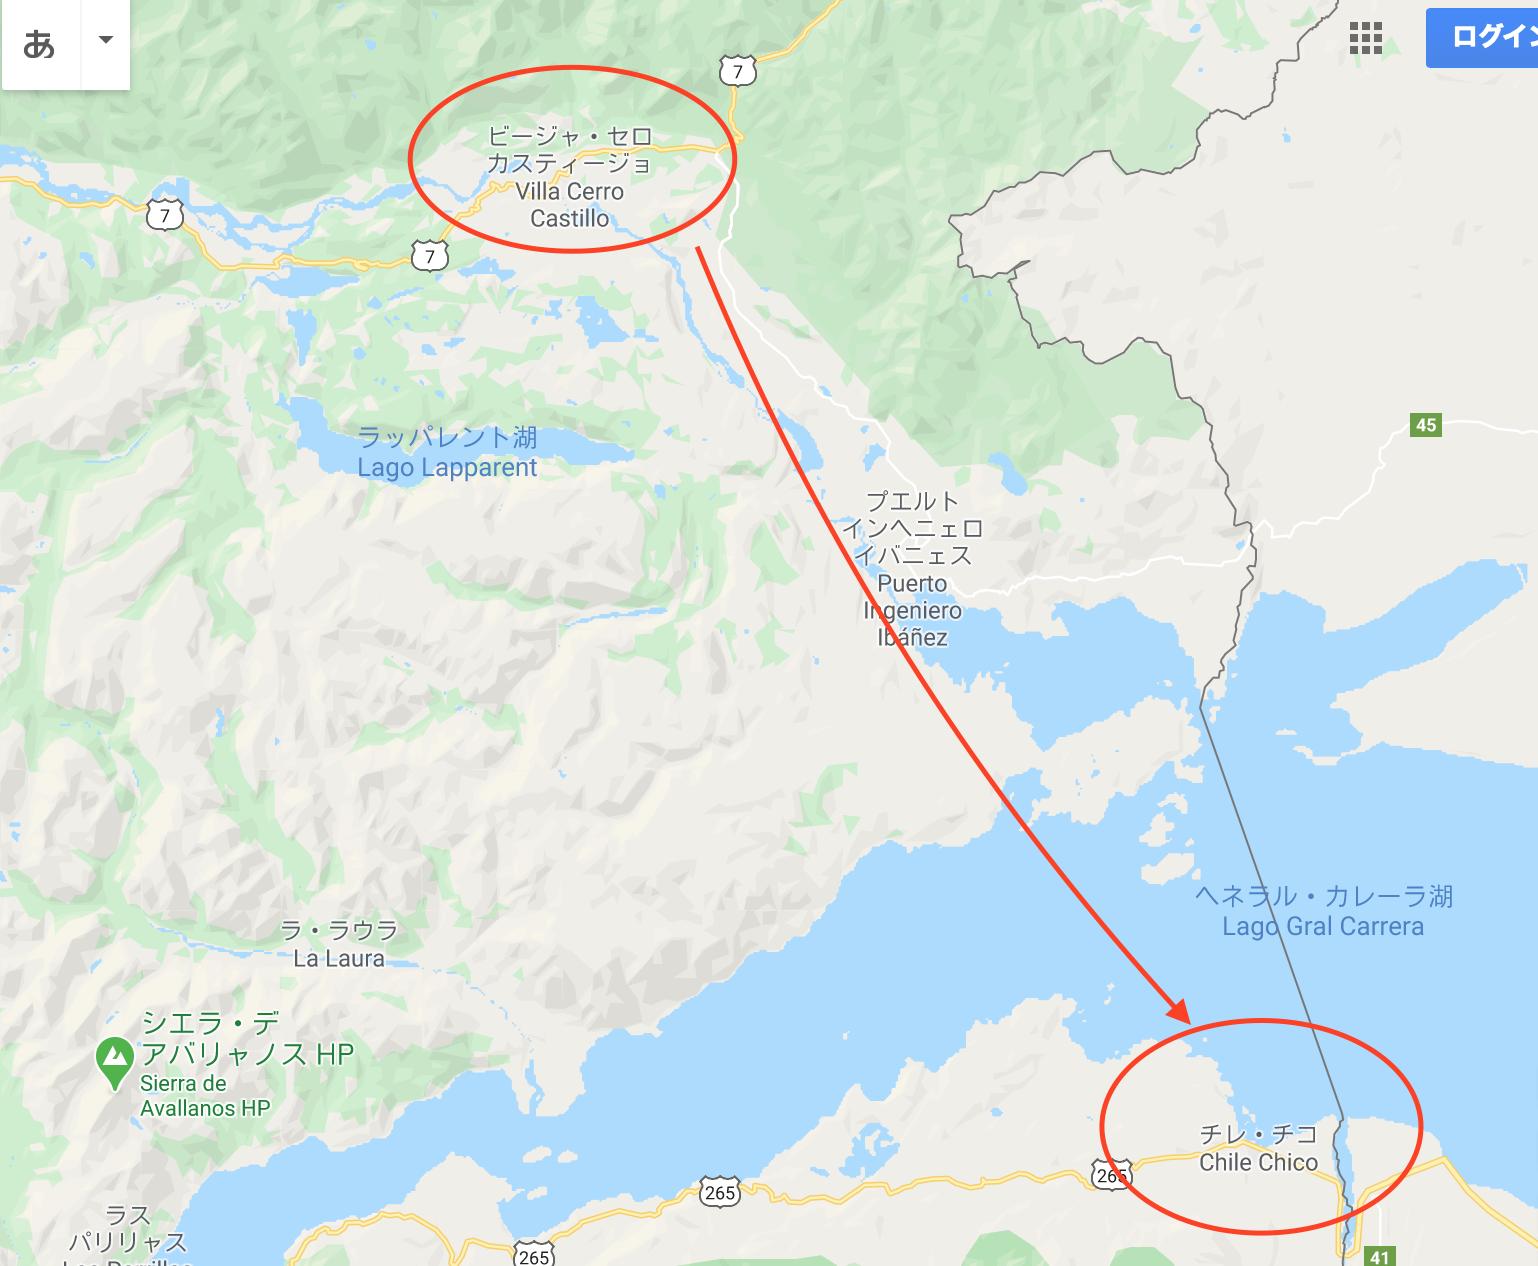 チリ パタゴニア カスティージョ チレチコ ヒッチハイク 地図